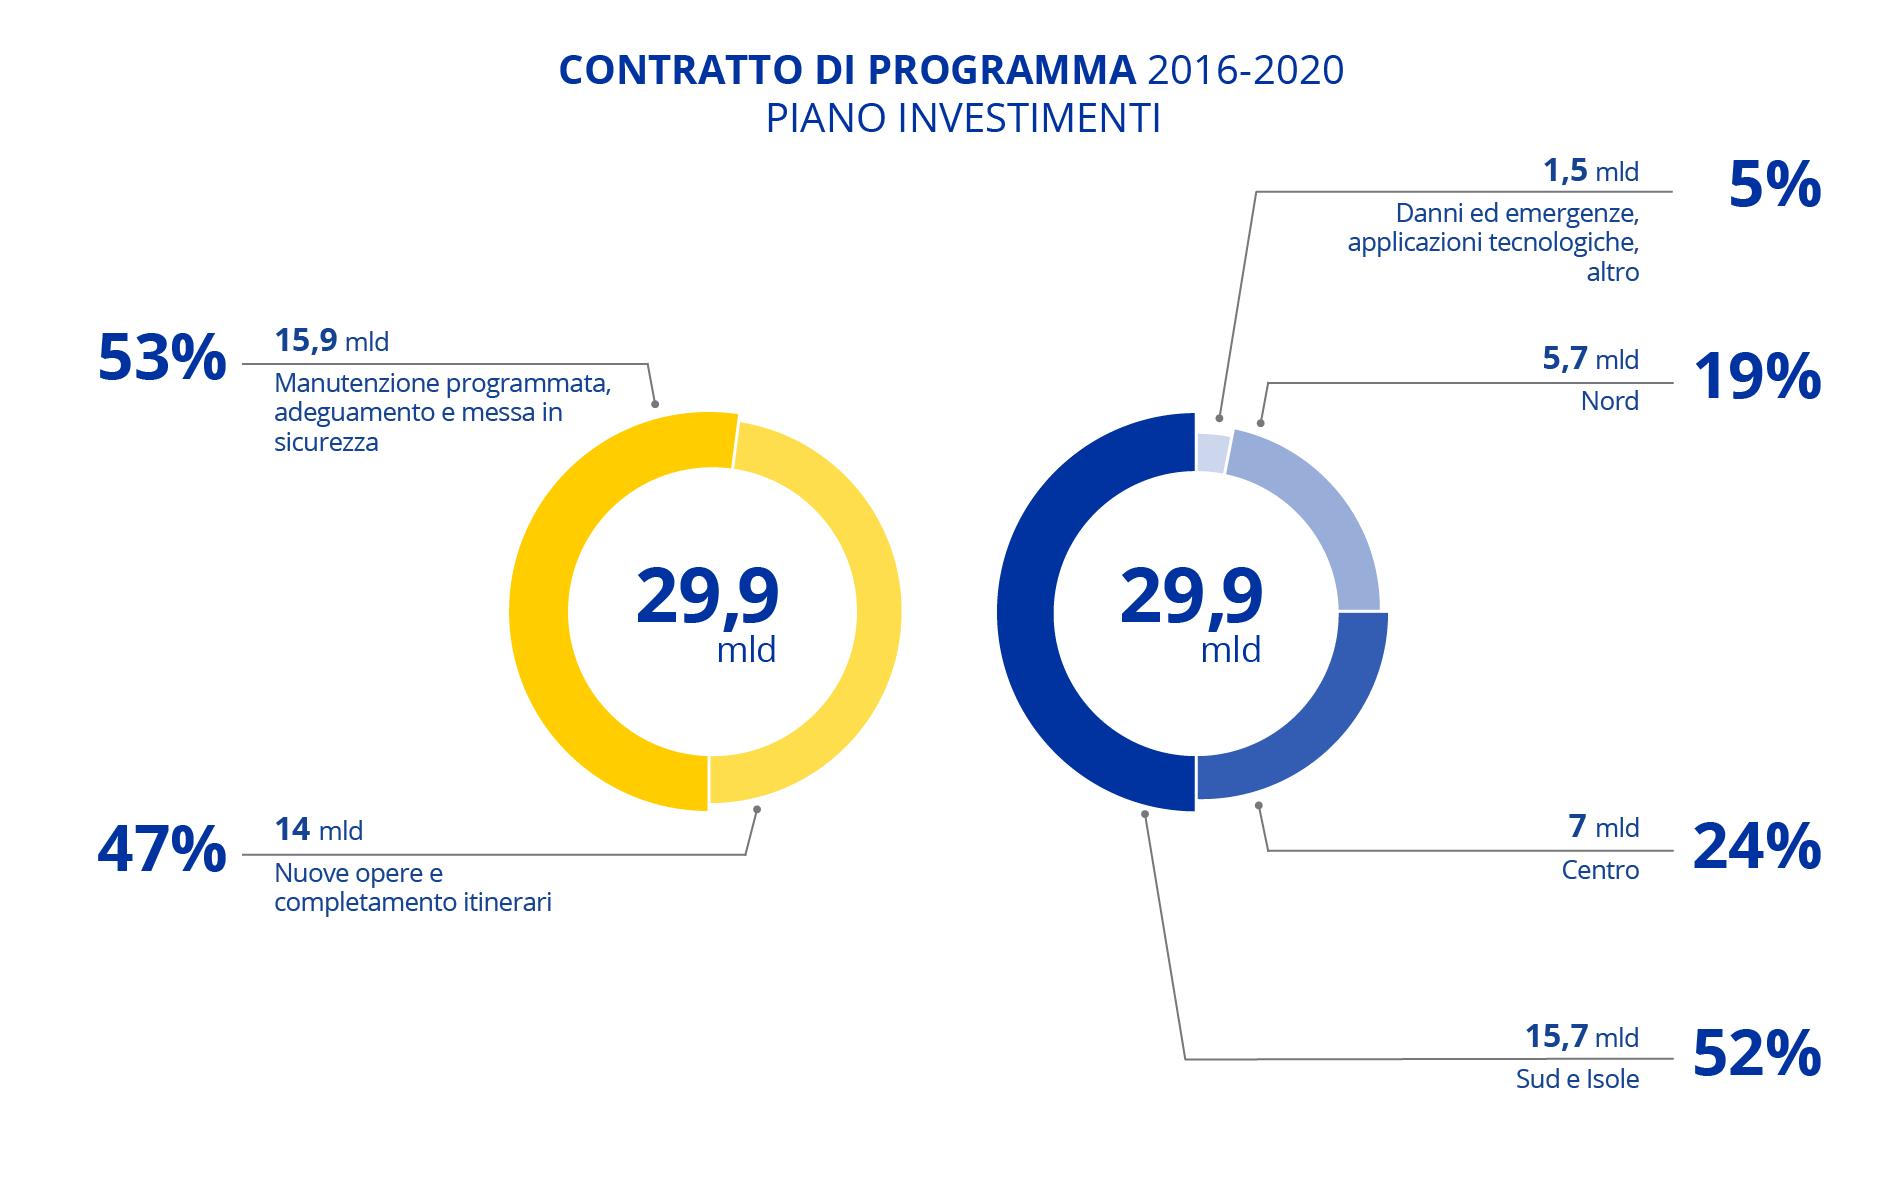 Infografica del Contratto di programma Anas 2016-2020 rimodulato